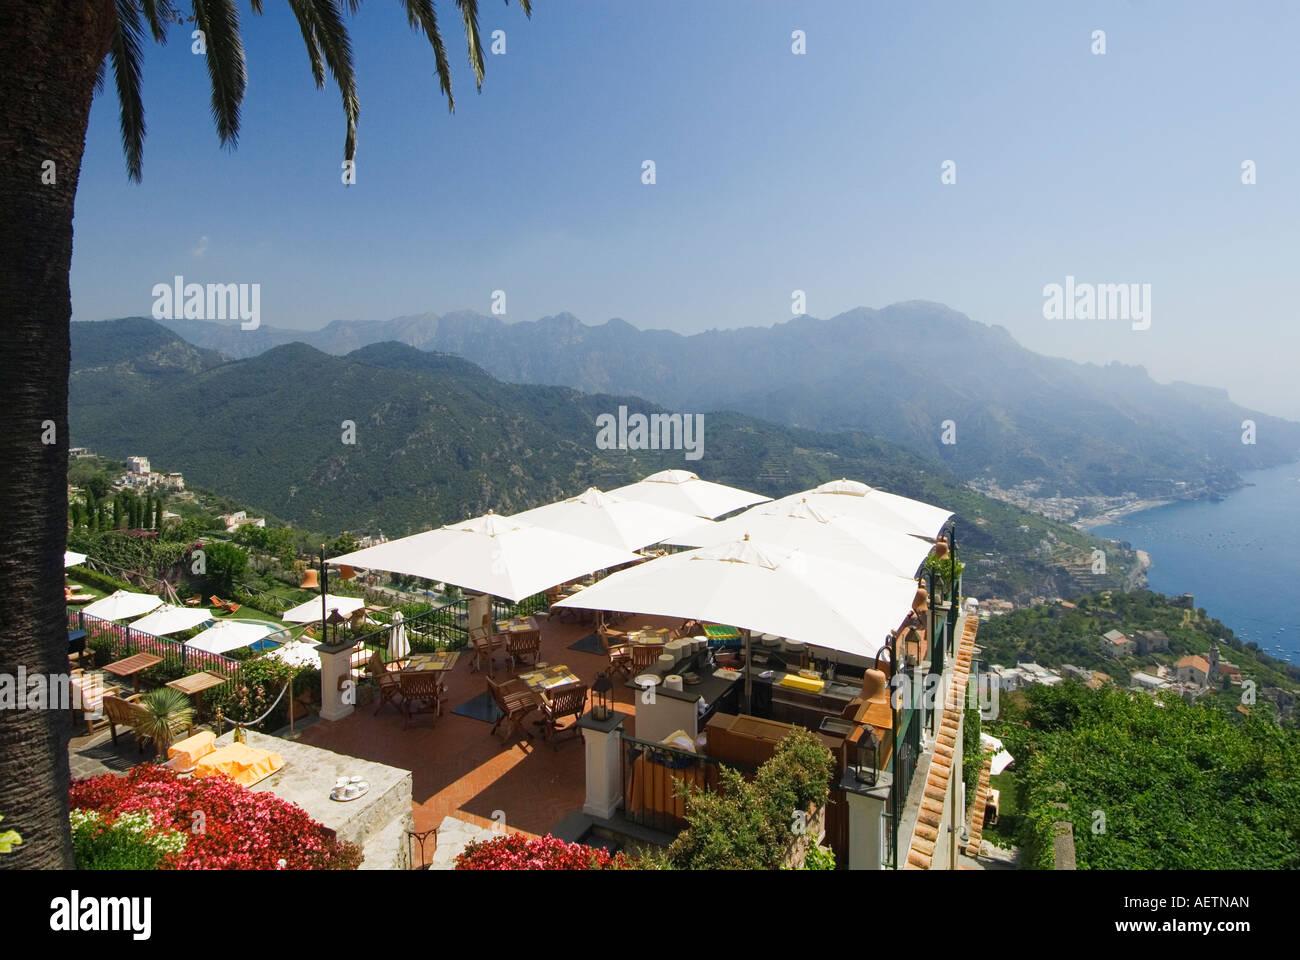 Restaurant Mit Terrasse Mit Blick Auf Die Kuste Von Amalfi Ravello